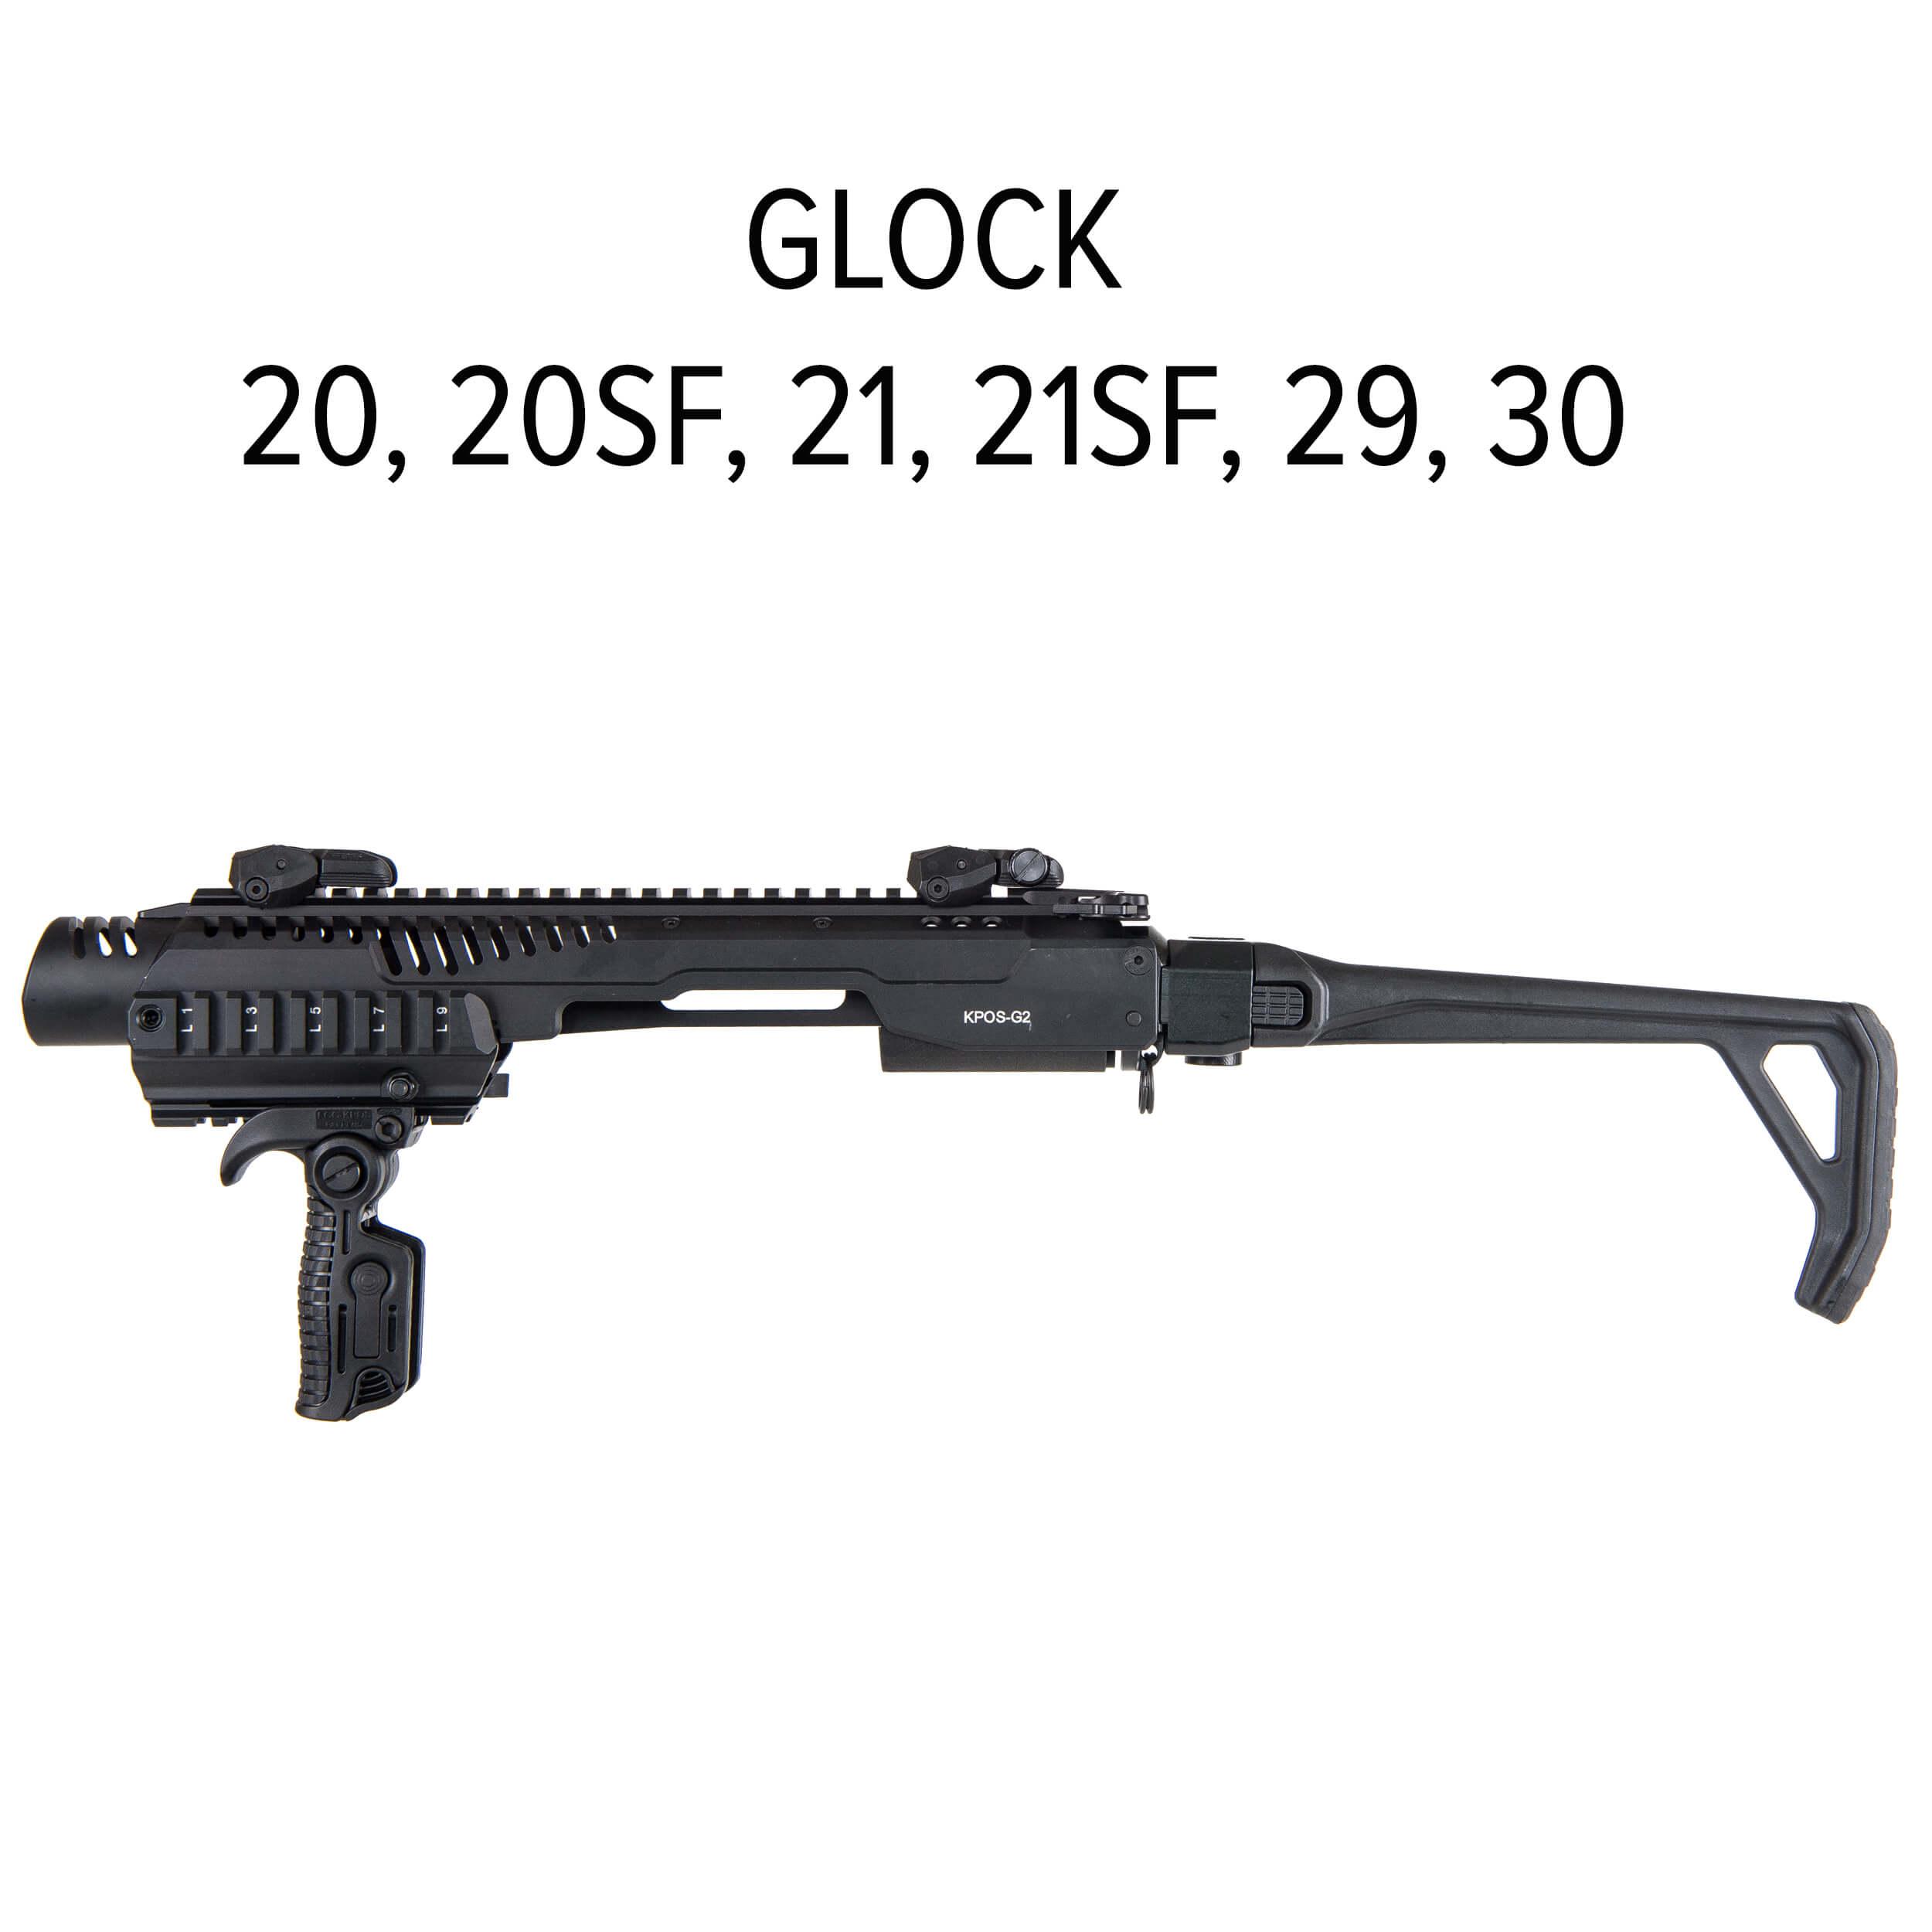 KPOS G2 Glock 21